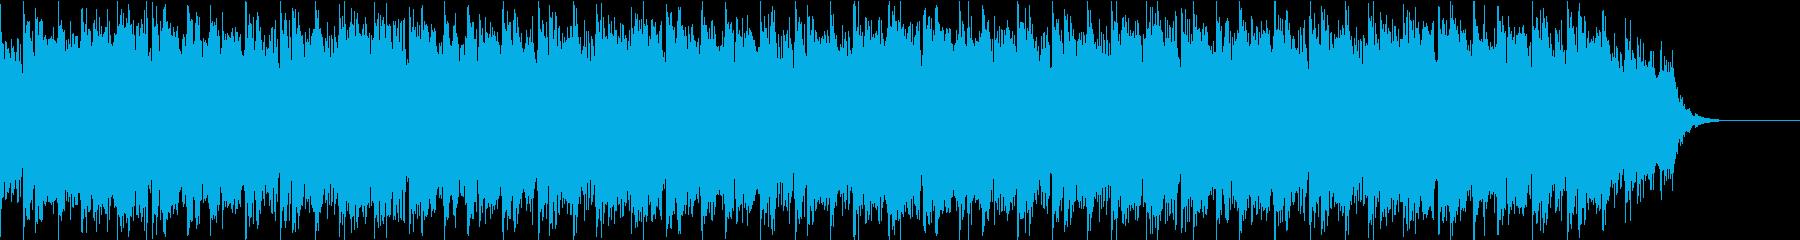 変拍子でミステリアスなホラーBGMの再生済みの波形